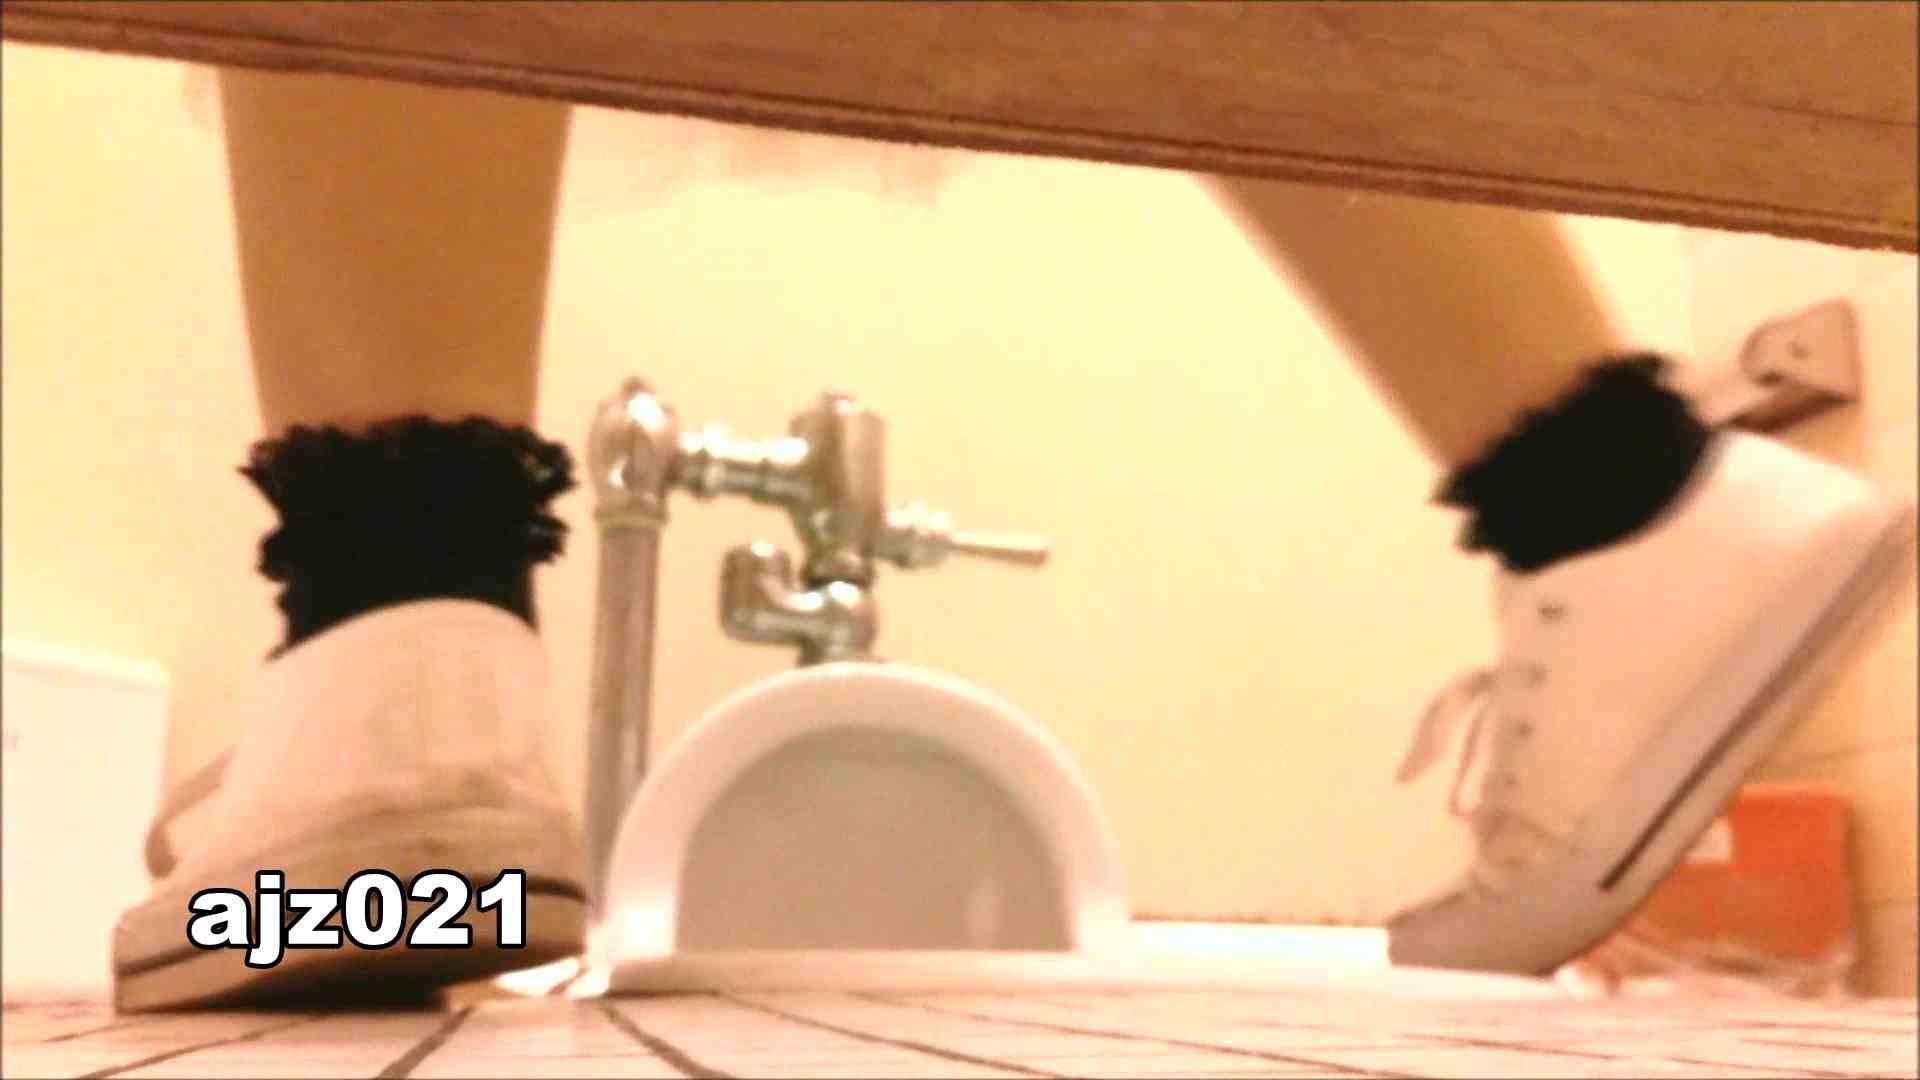 某有名大学女性洗面所 vol.21 排泄 すけべAV動画紹介 100画像 15